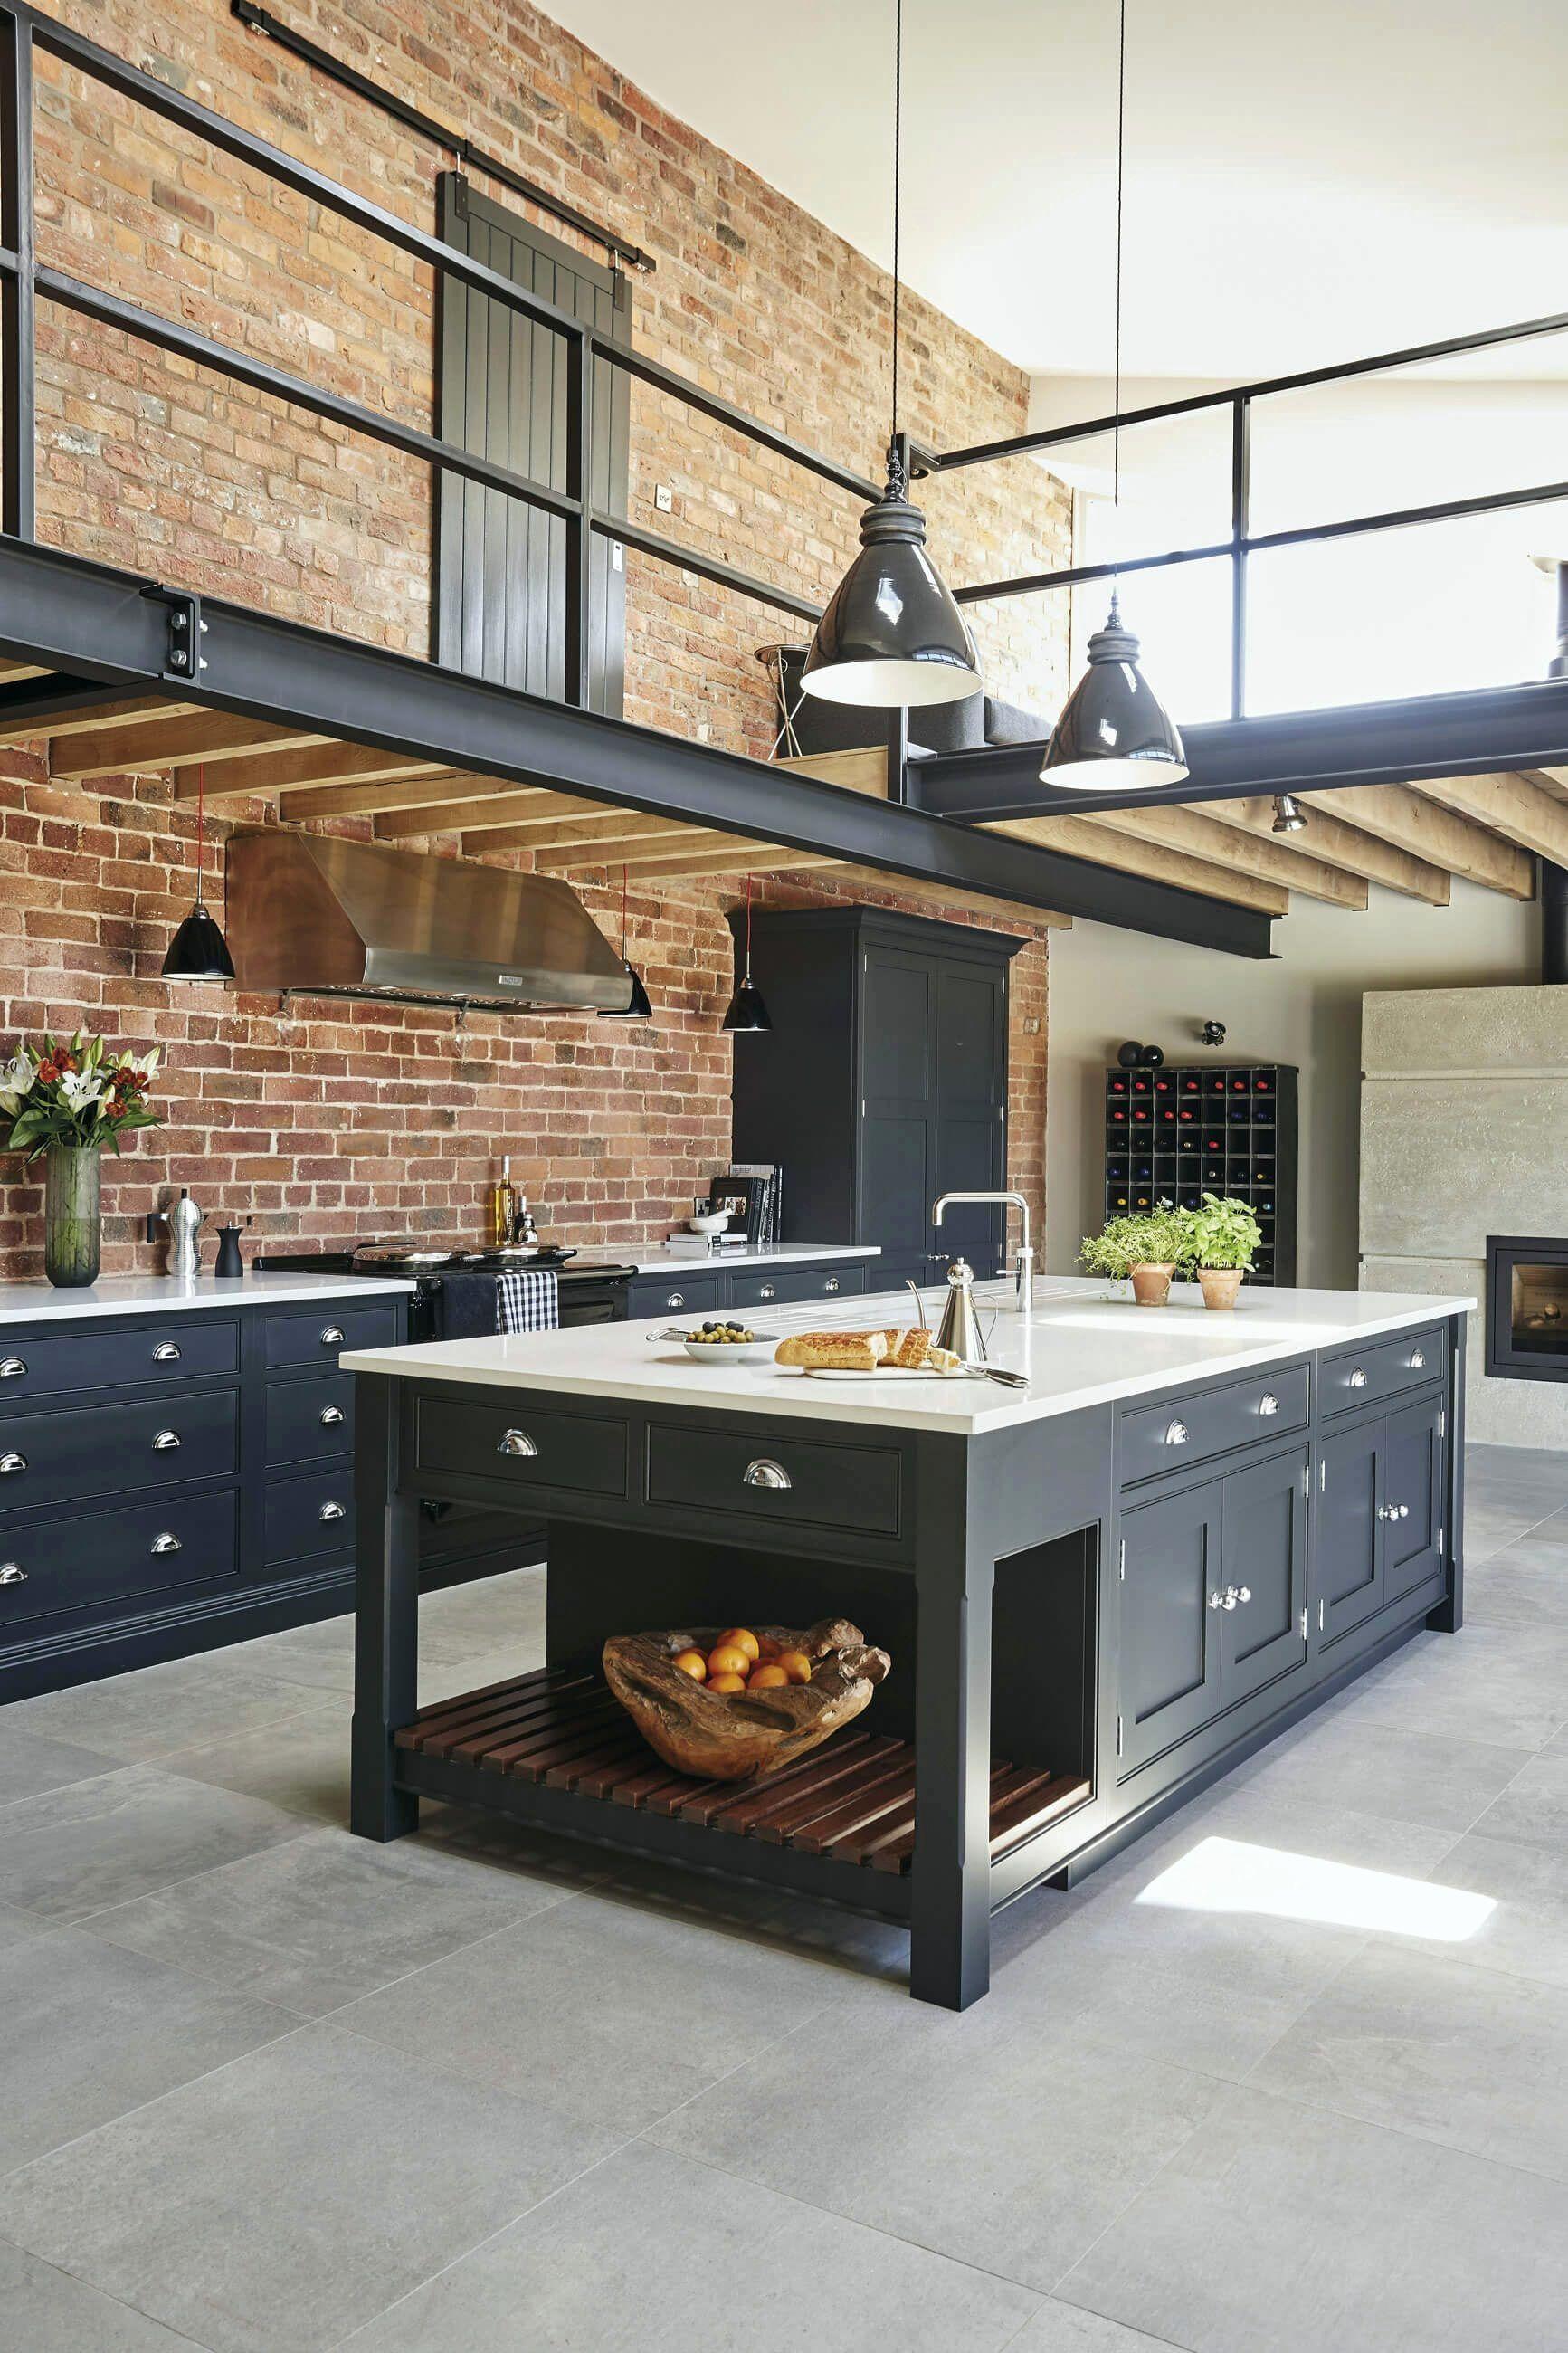 Design de cuisine de style indistriel - Déco & tendance #salon